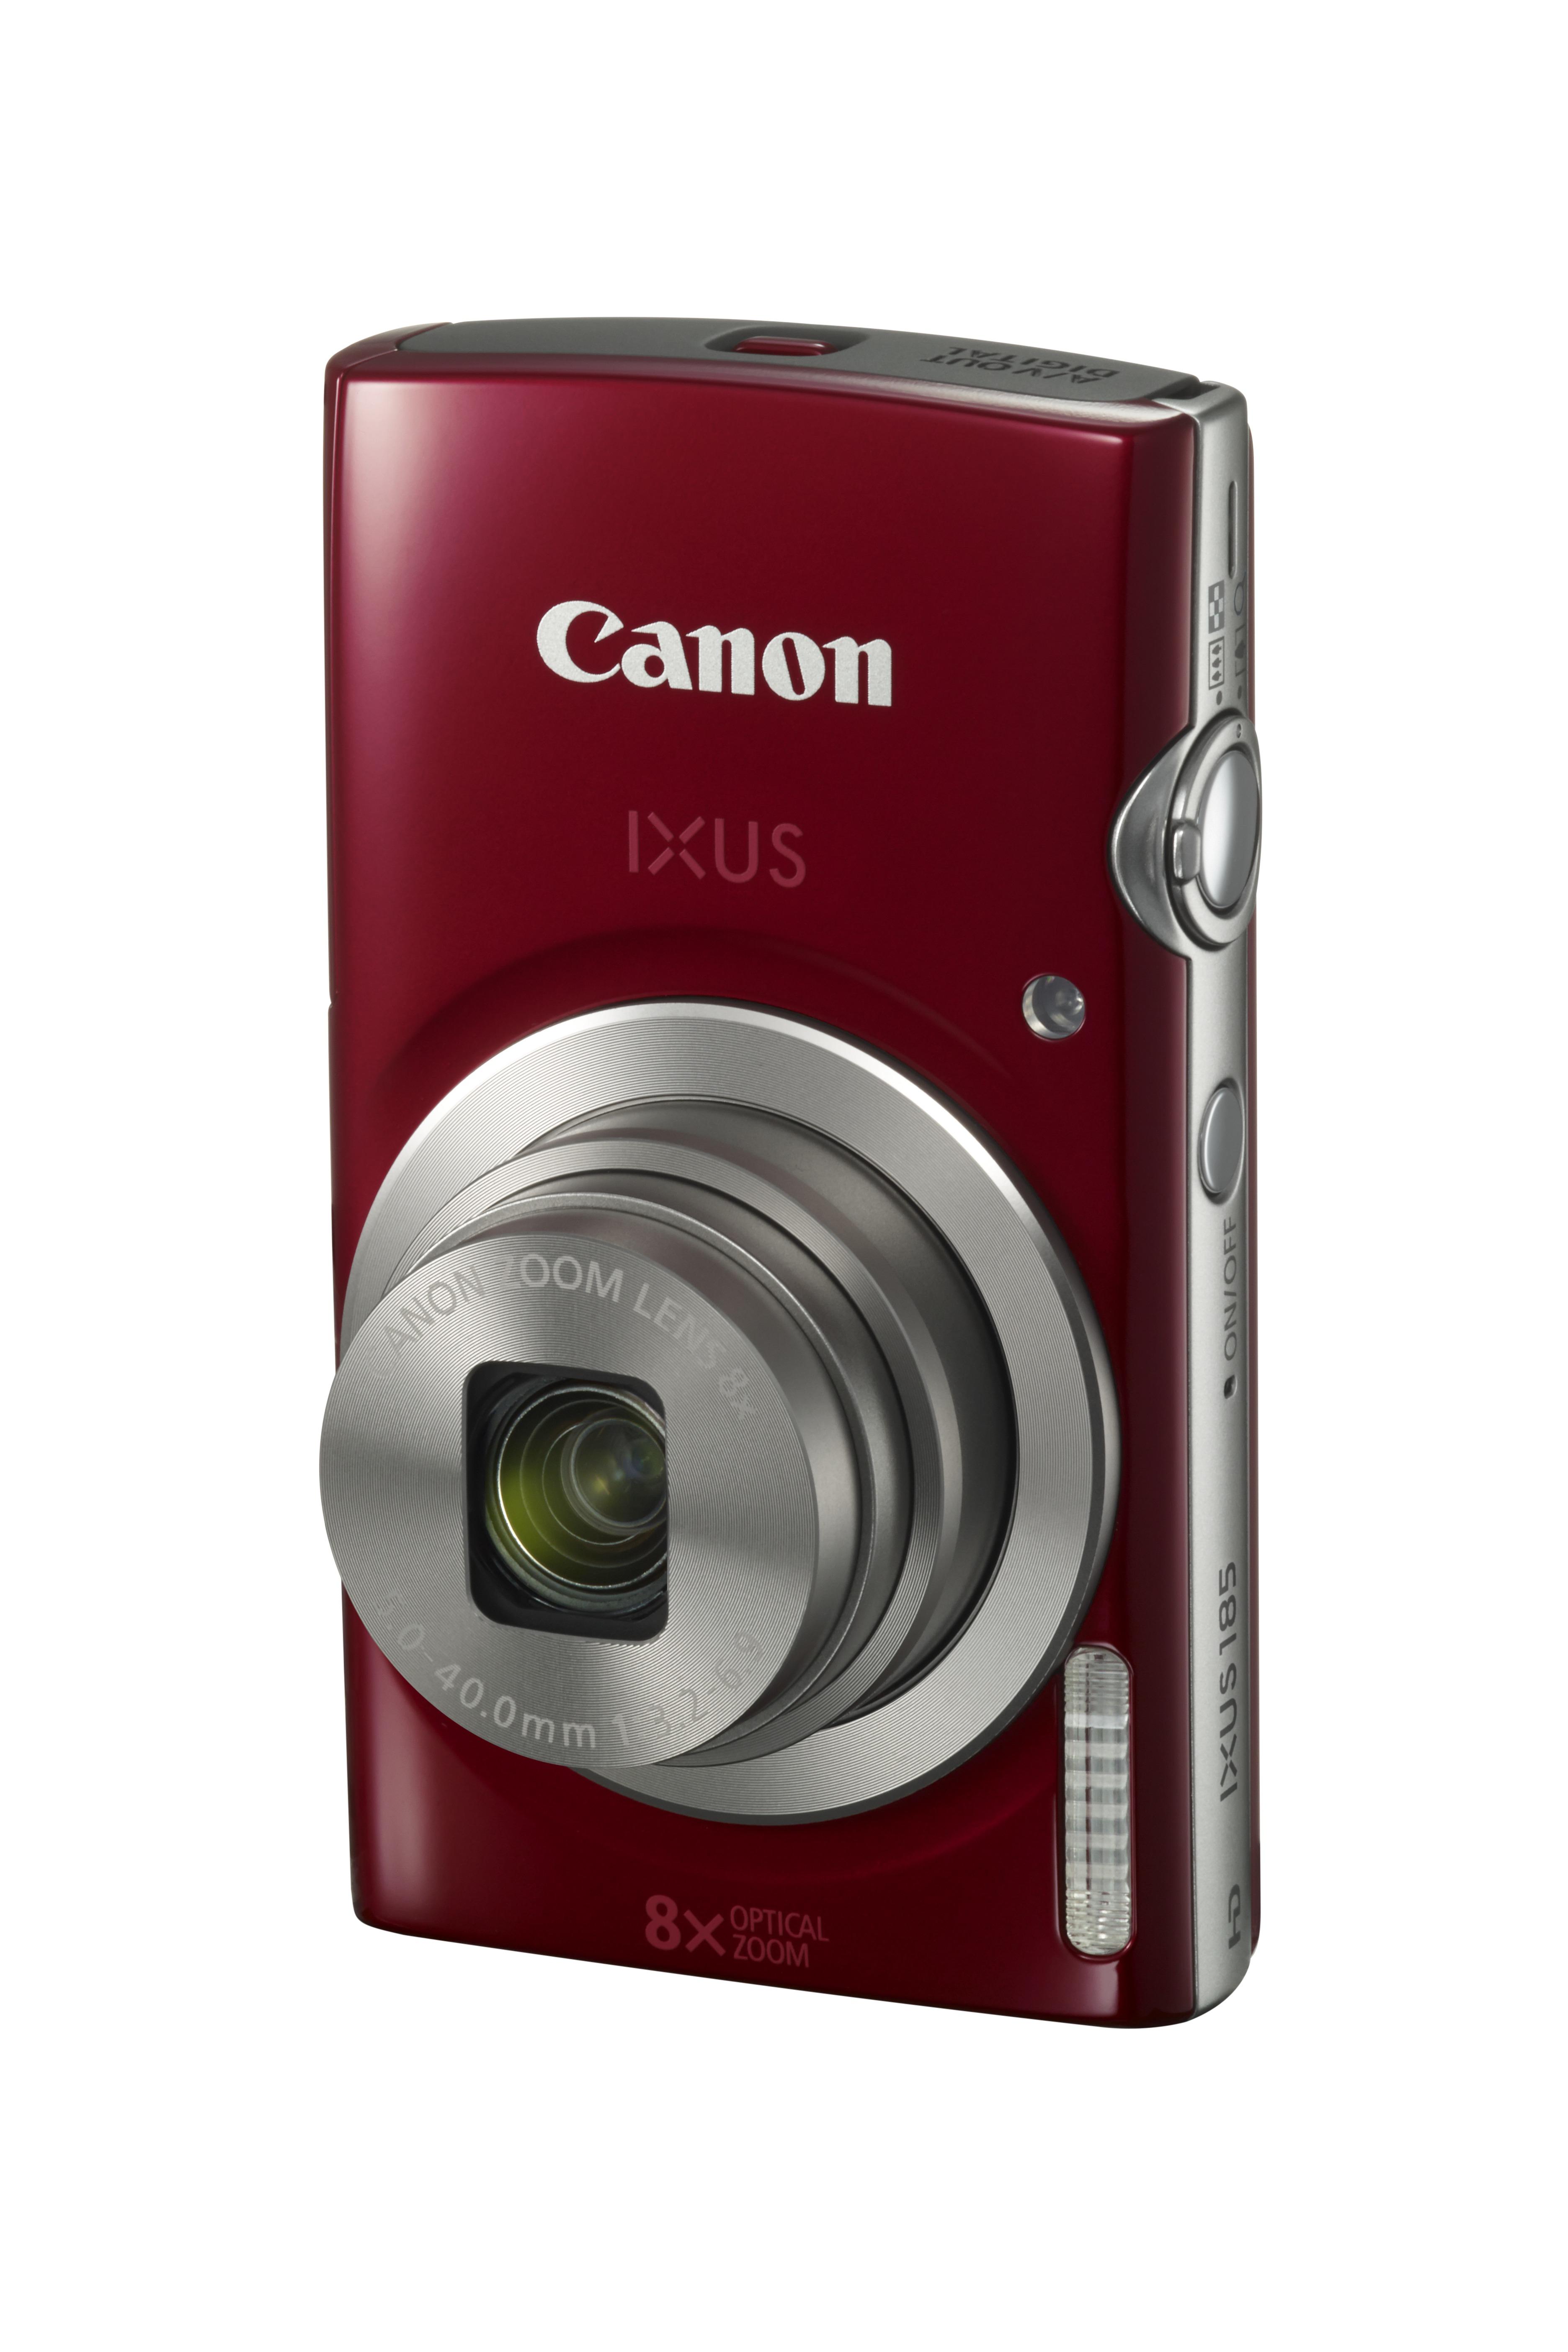 CANPN028780